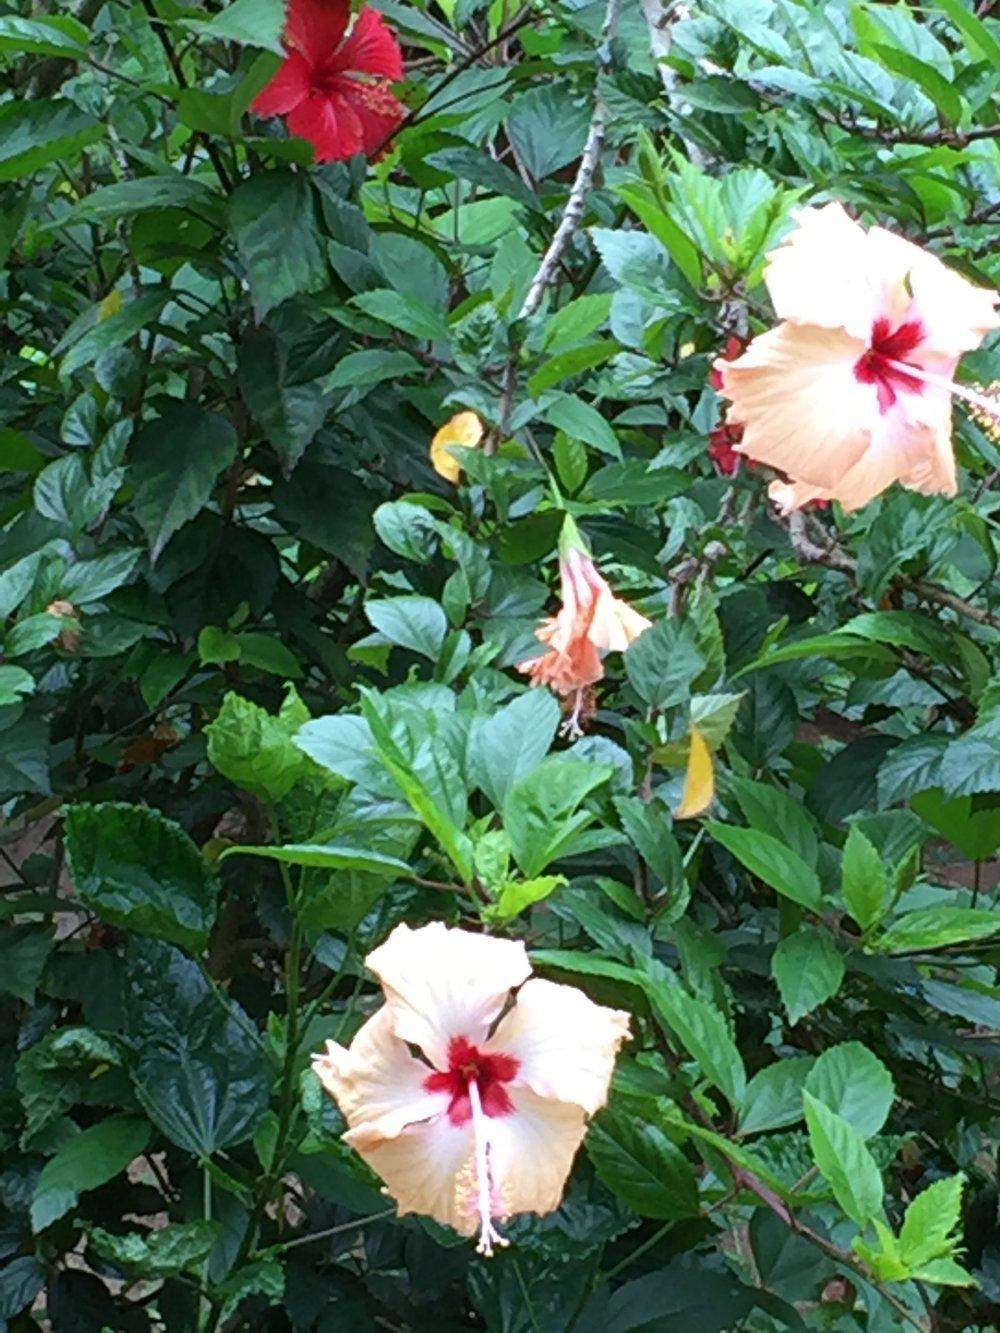 3 Birds,buttrflies & Flowers.jpg